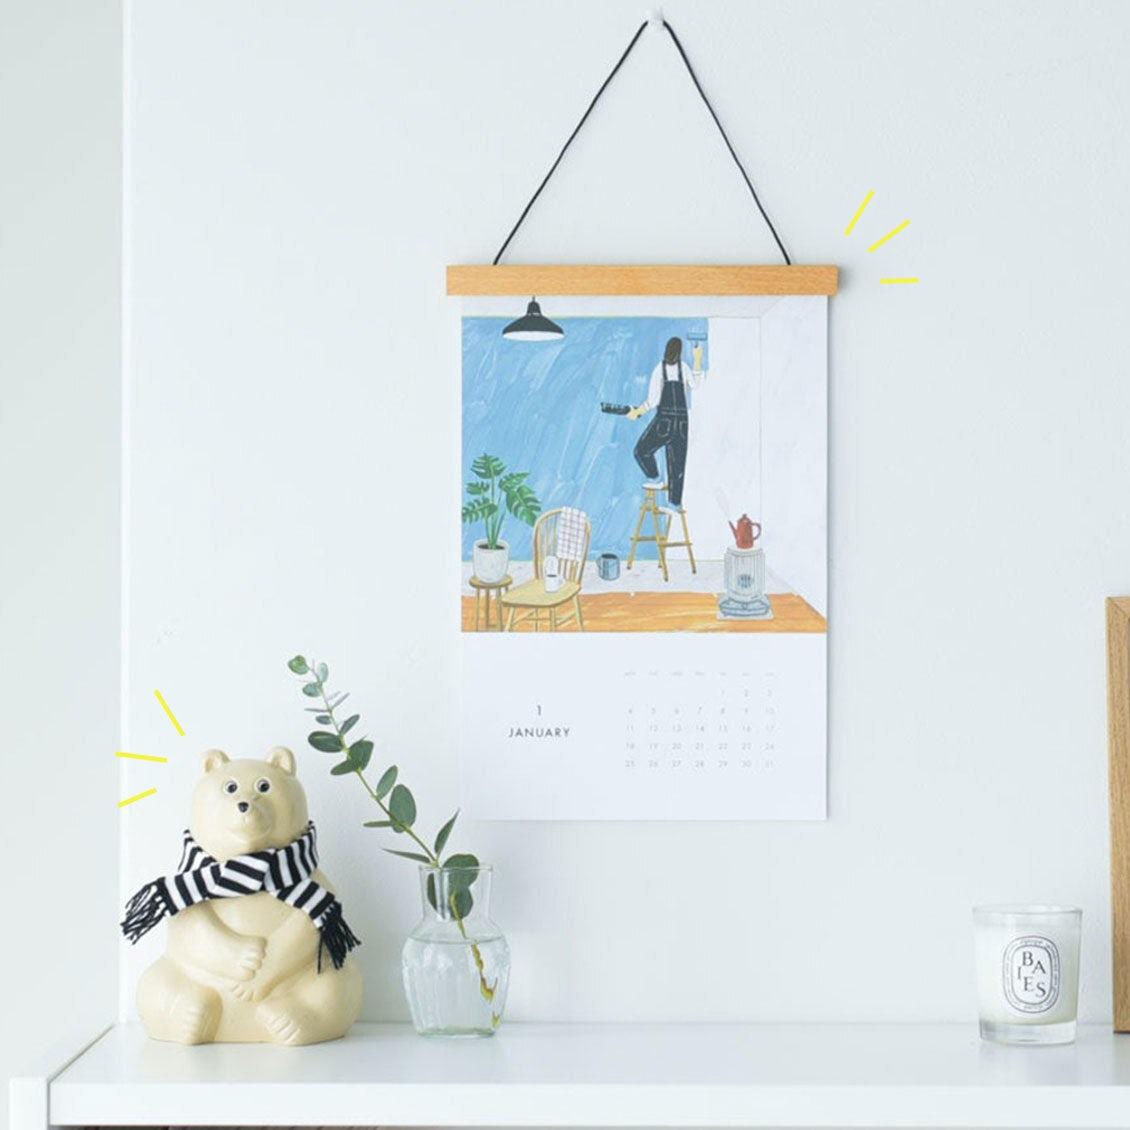 【数量限定】大人気の「当店オリジナルカレンダー」と「マフラー付き白くま貯金箱」が今年も登場です!